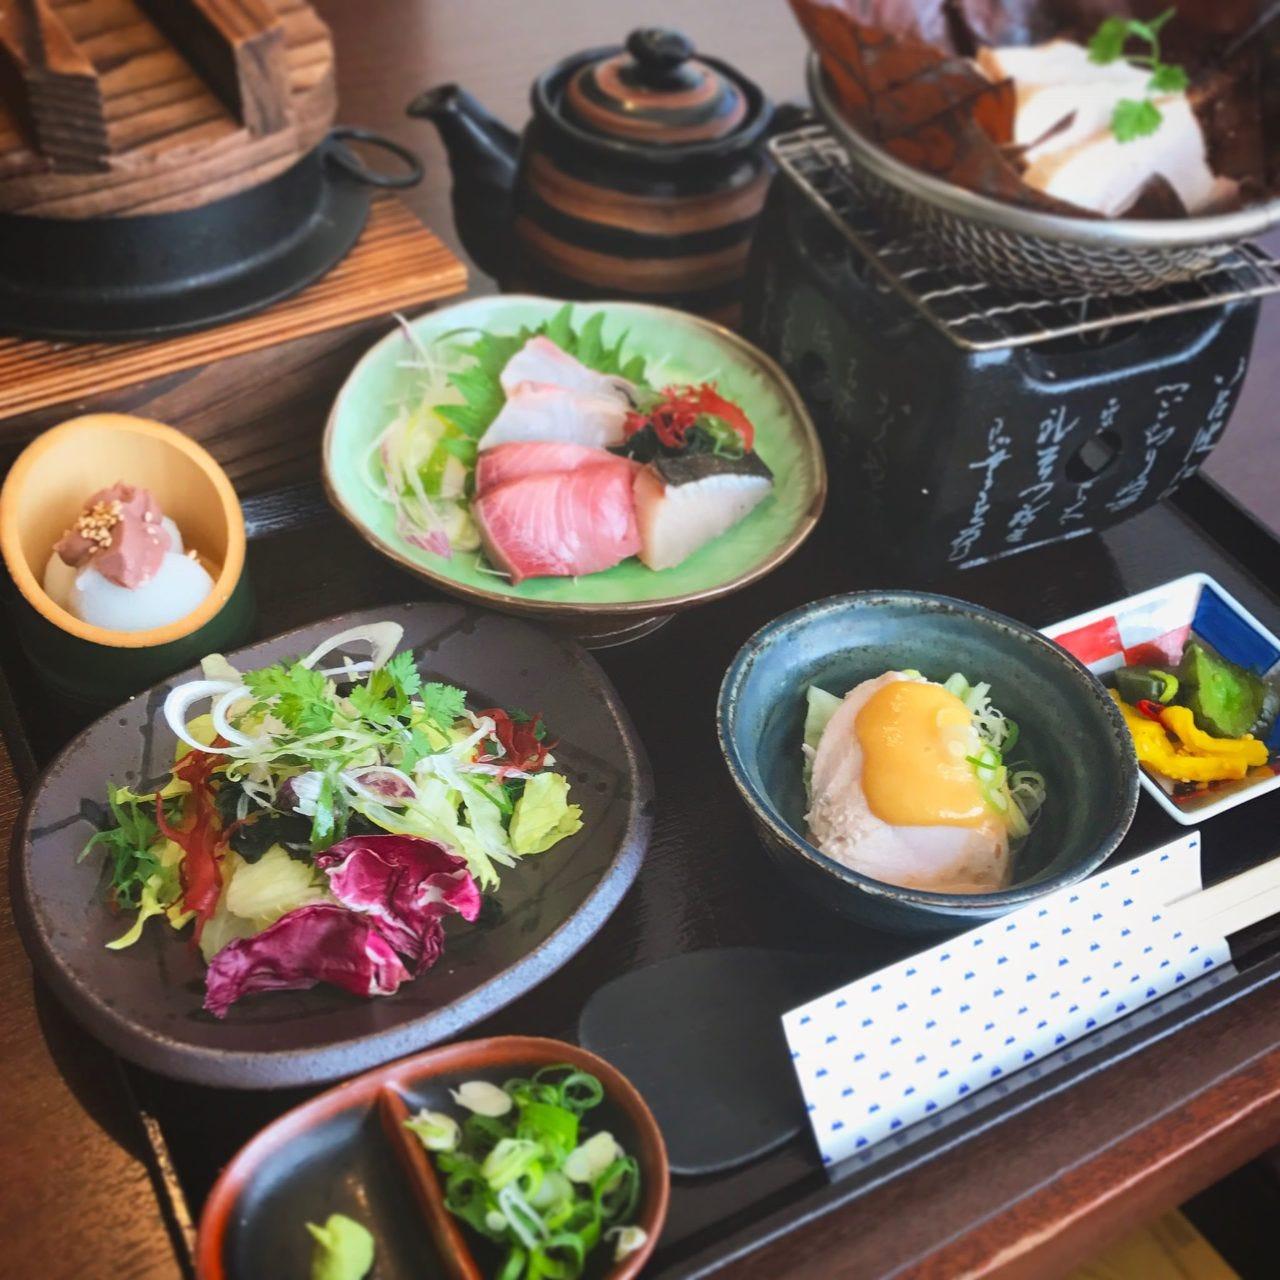 萬月お昼限定釜飯シェアコース3000円